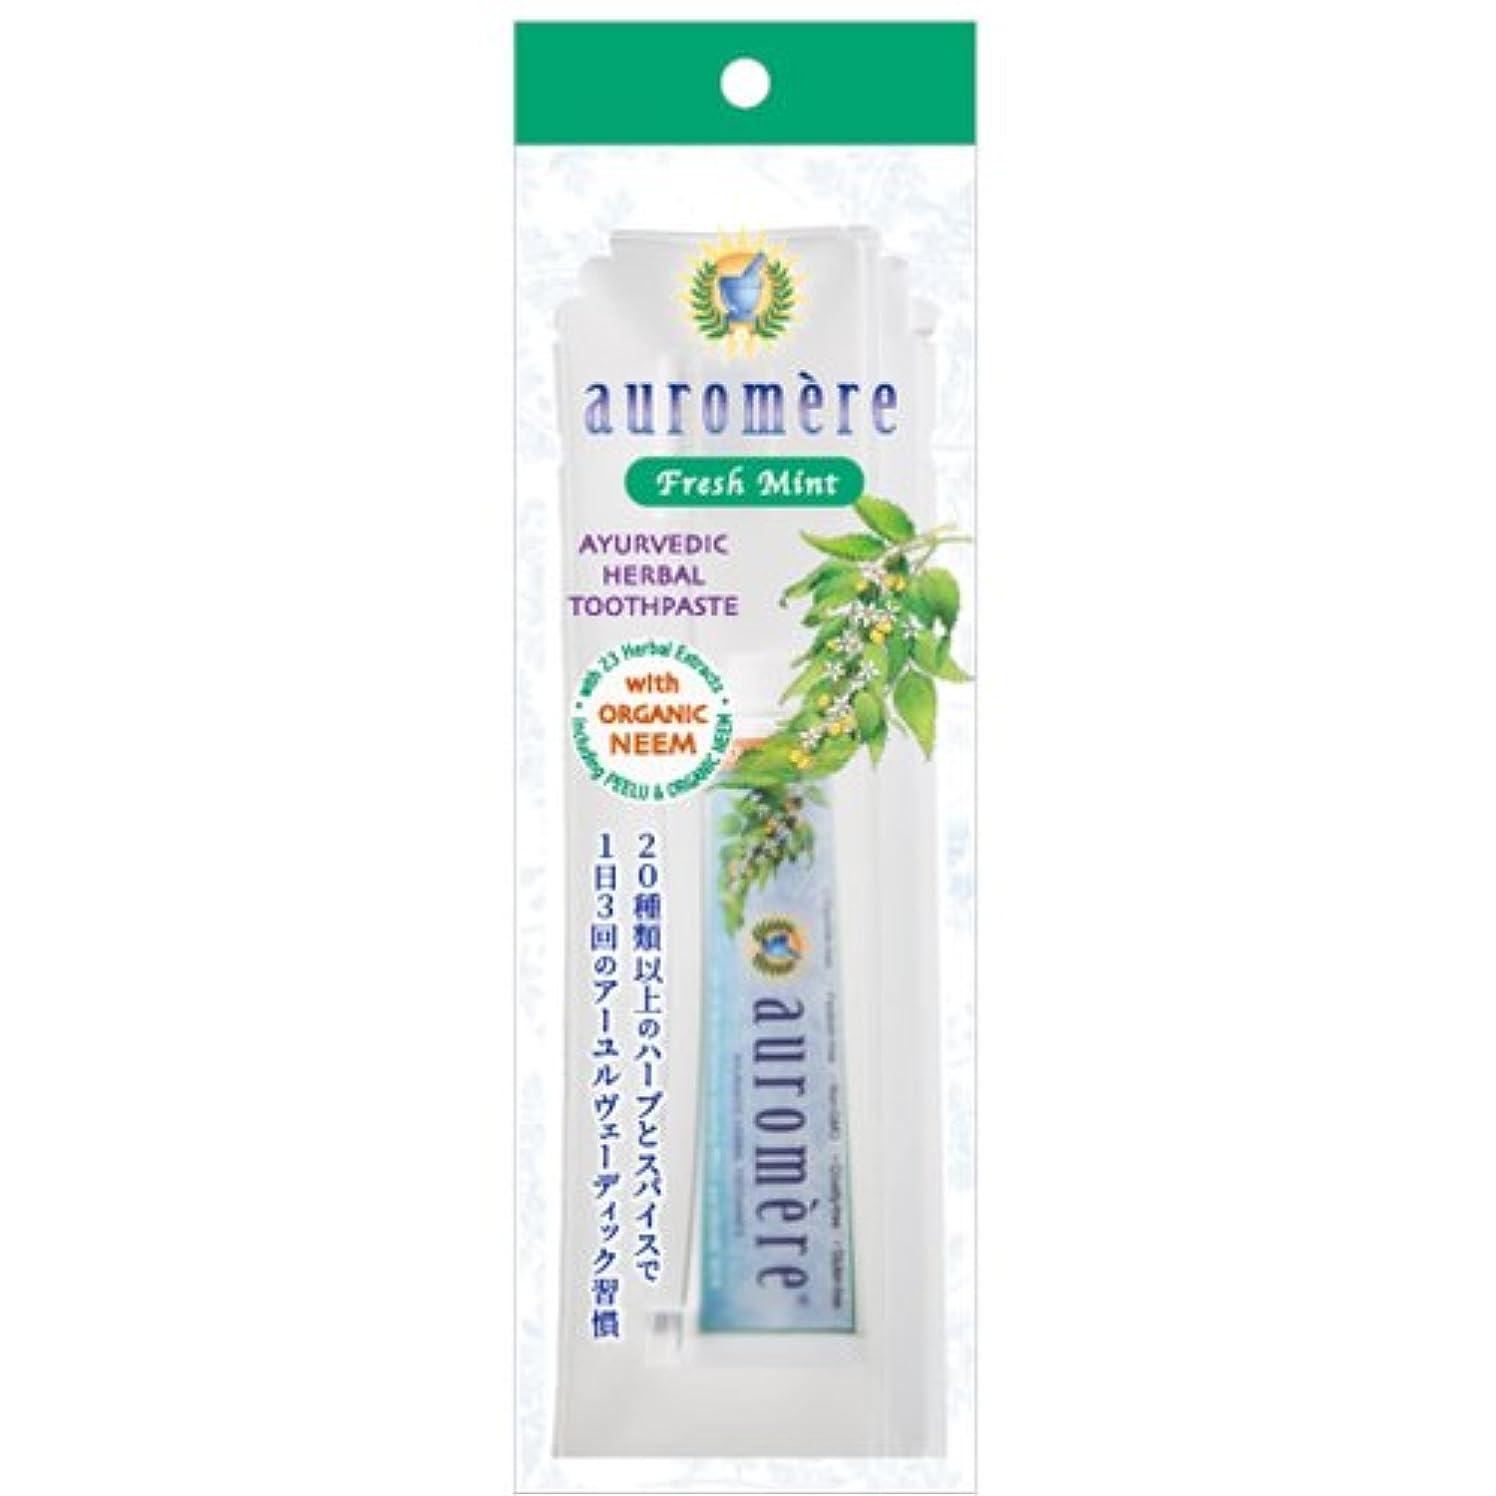 断言するペフラボオーロメア 歯磨き粉 フレッシュミント トラベルセット (30g)